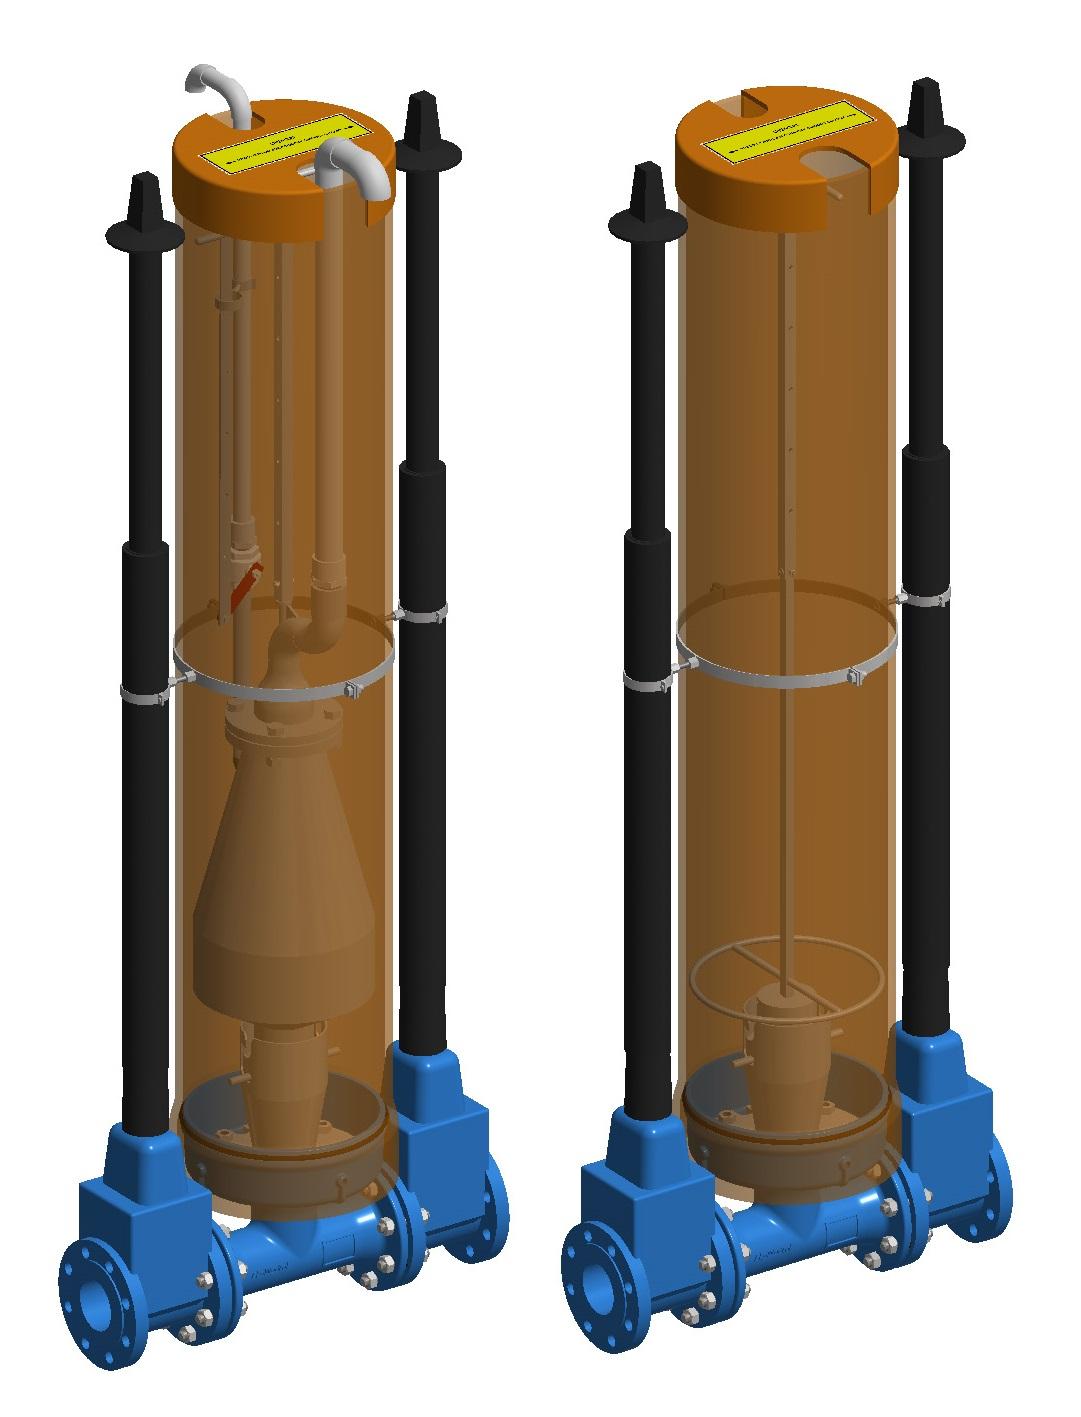 kolumny-ekon-ekos-columns-szuster-system